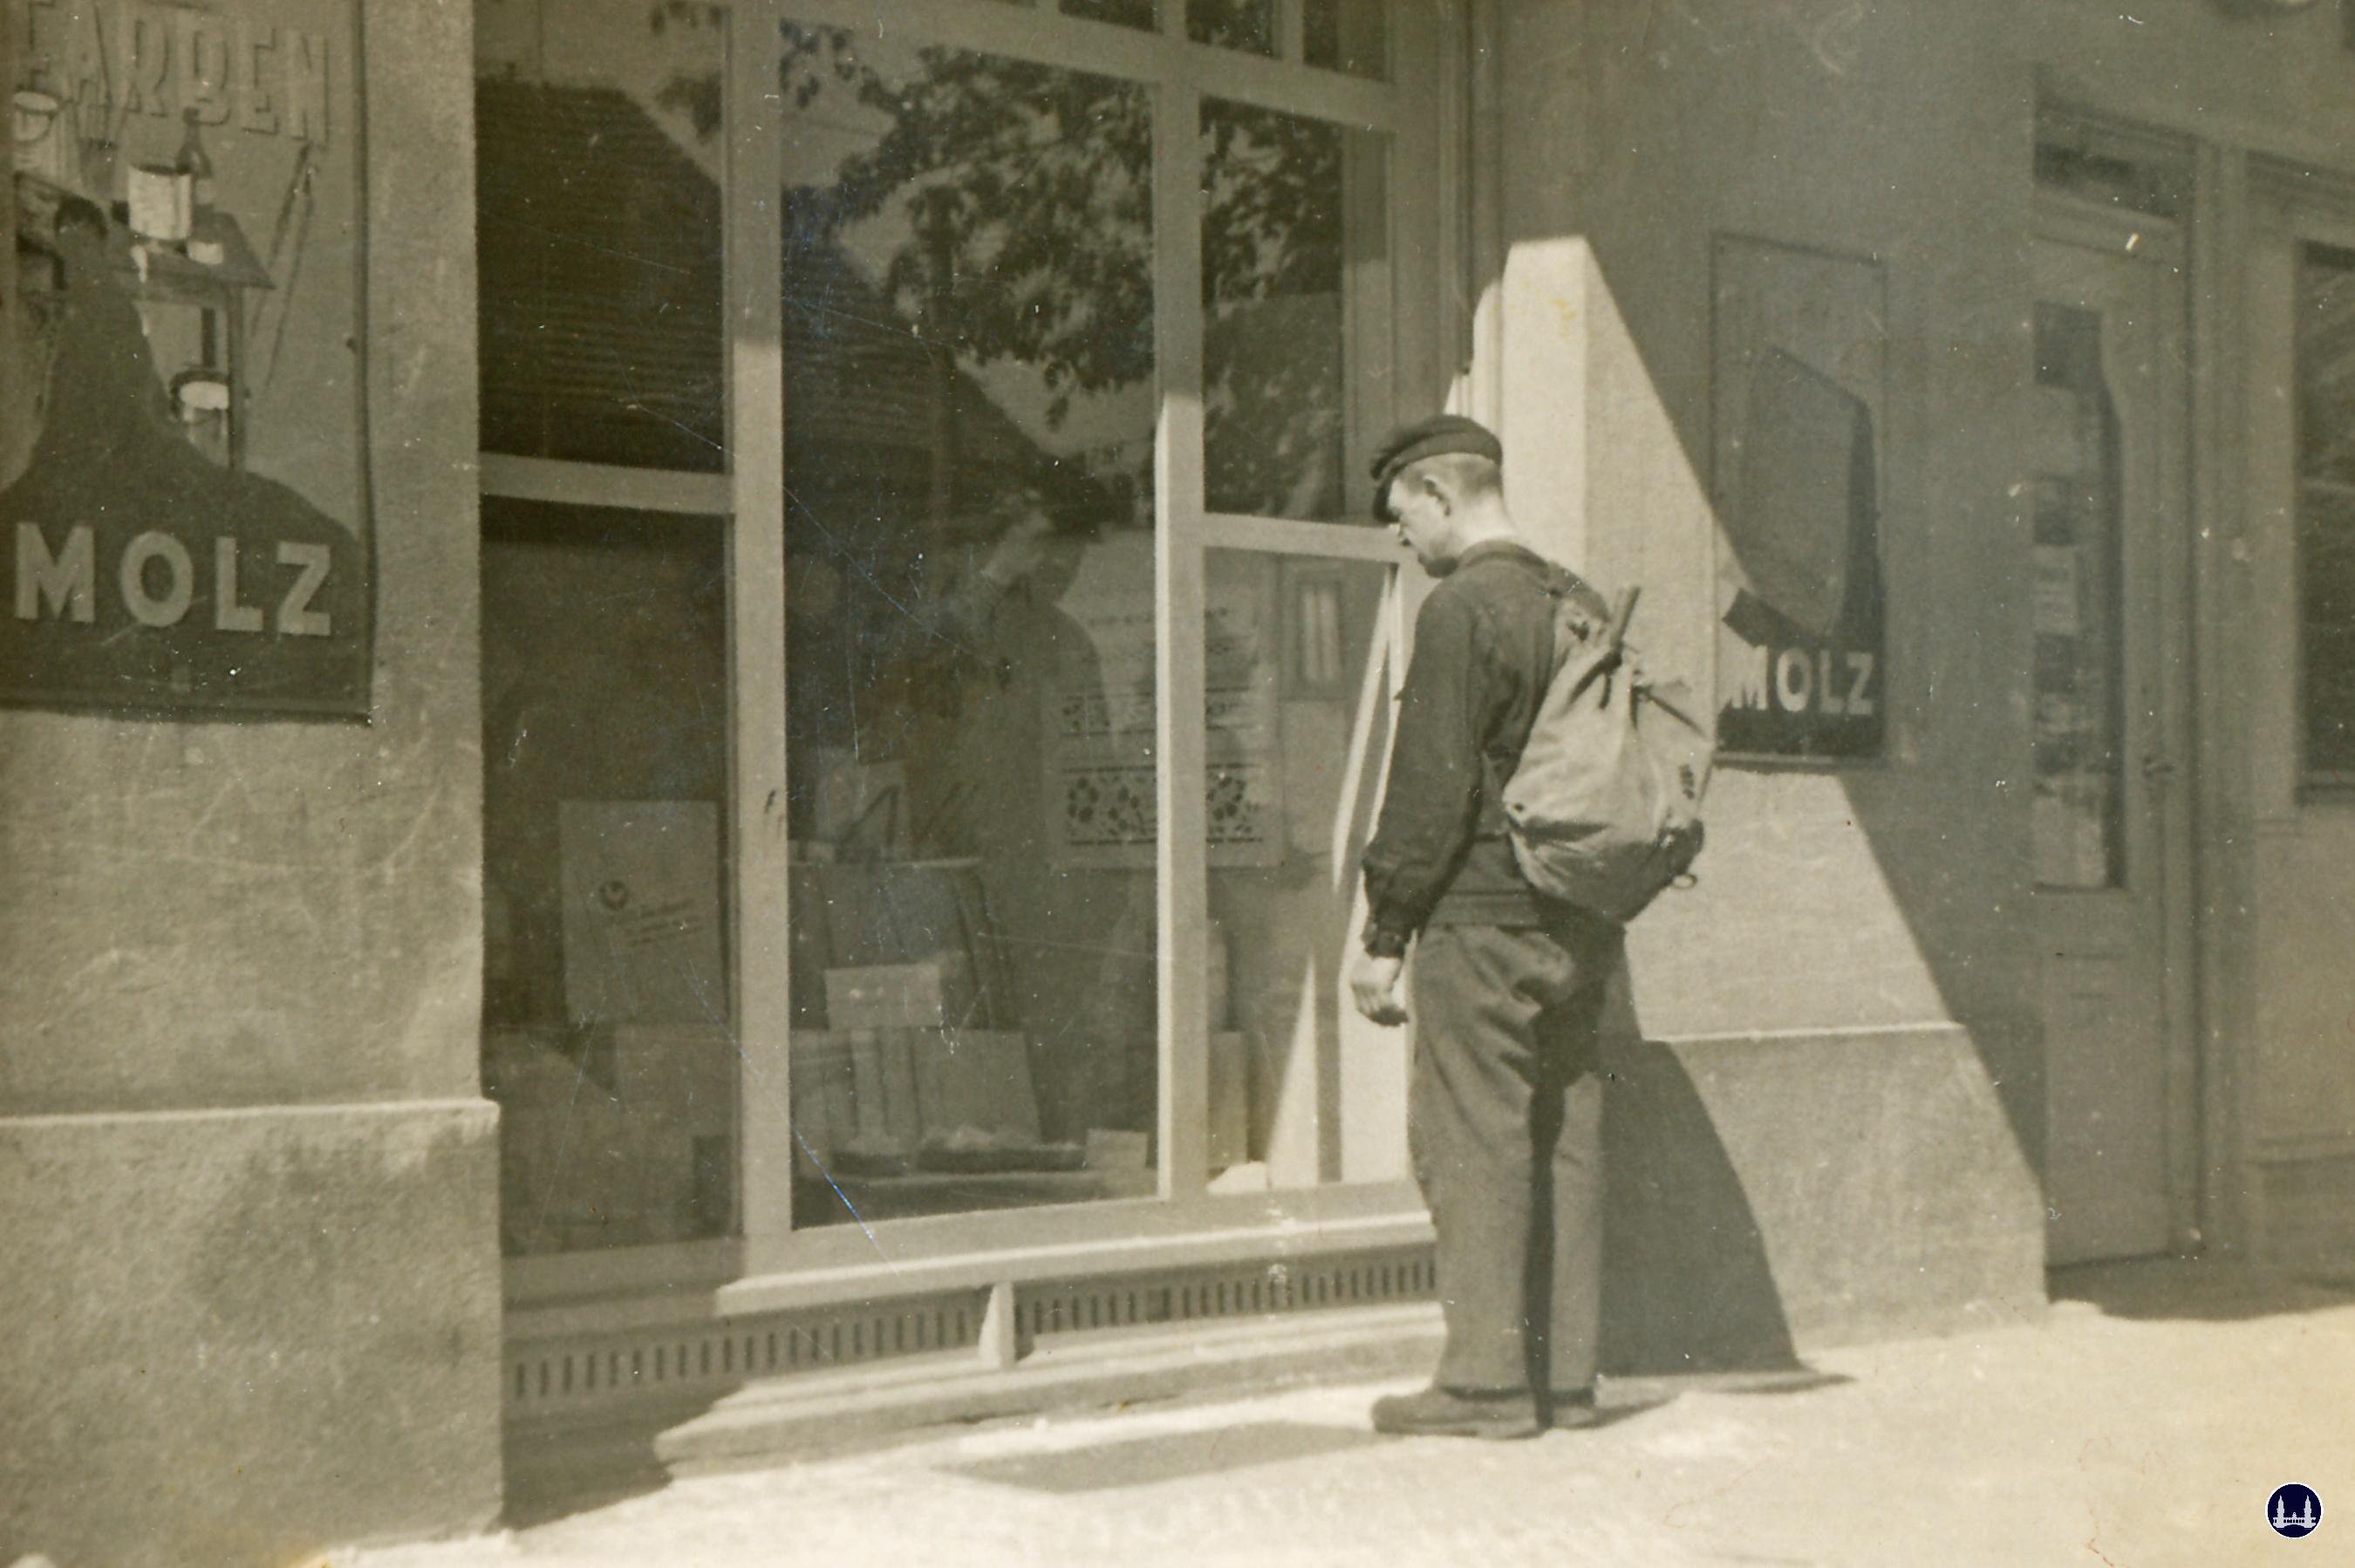 Molz Raumdesign am Mariendorfer Damm. Kunde vor dem Schaufenster in der Nachkriegszeit.